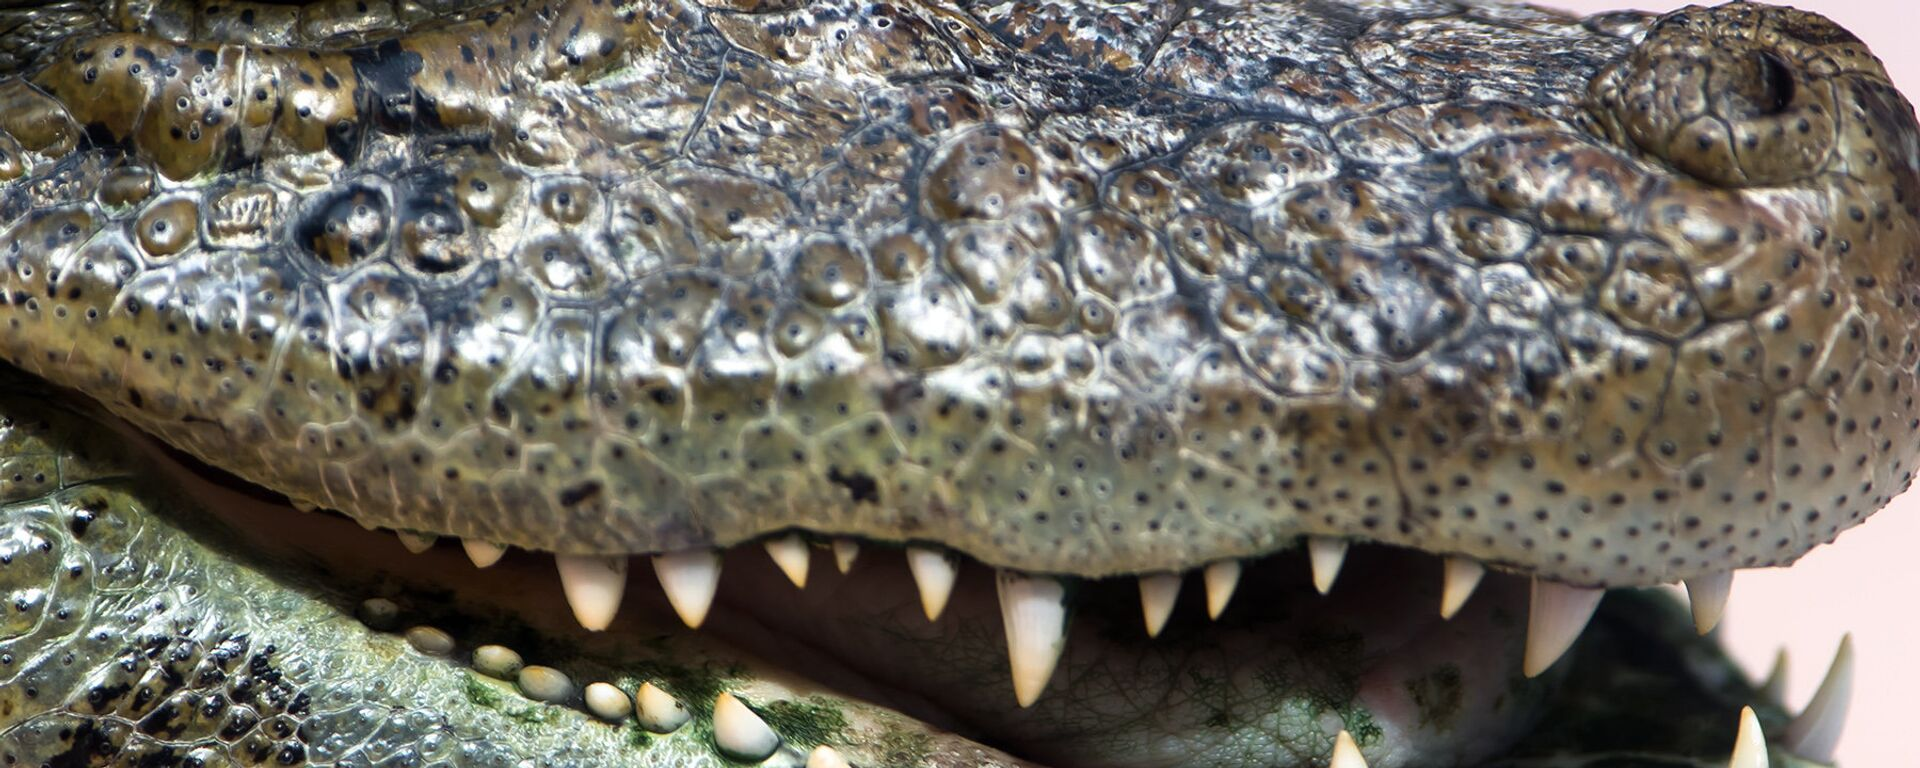 Alligator - Sputnik Italia, 1920, 17.07.2019